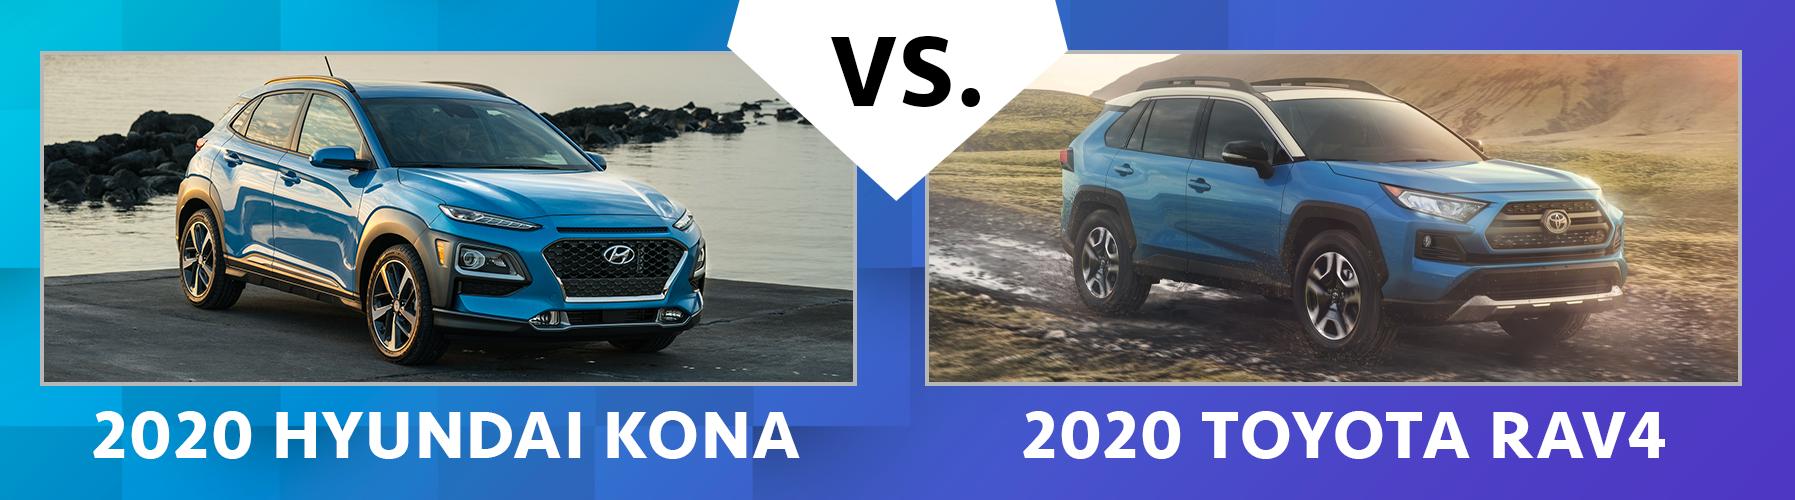 2020 Hyundai Kona vs 2020 Toyota RAV4